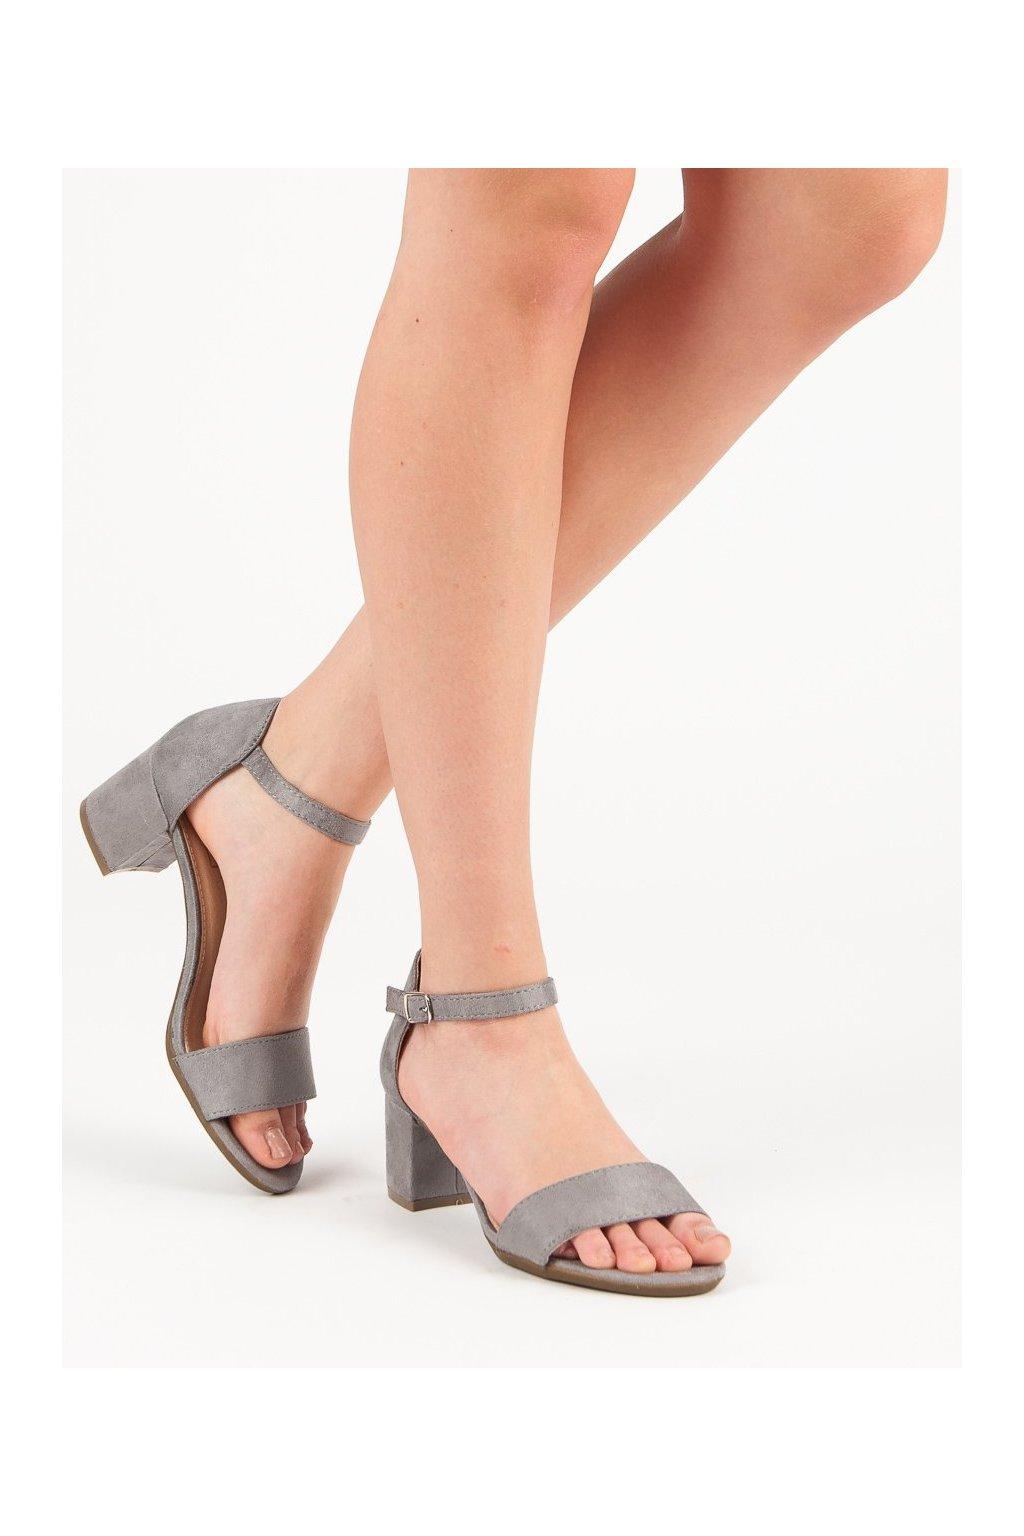 Sivé sandále na podpätku Filippo kod DS787/18G